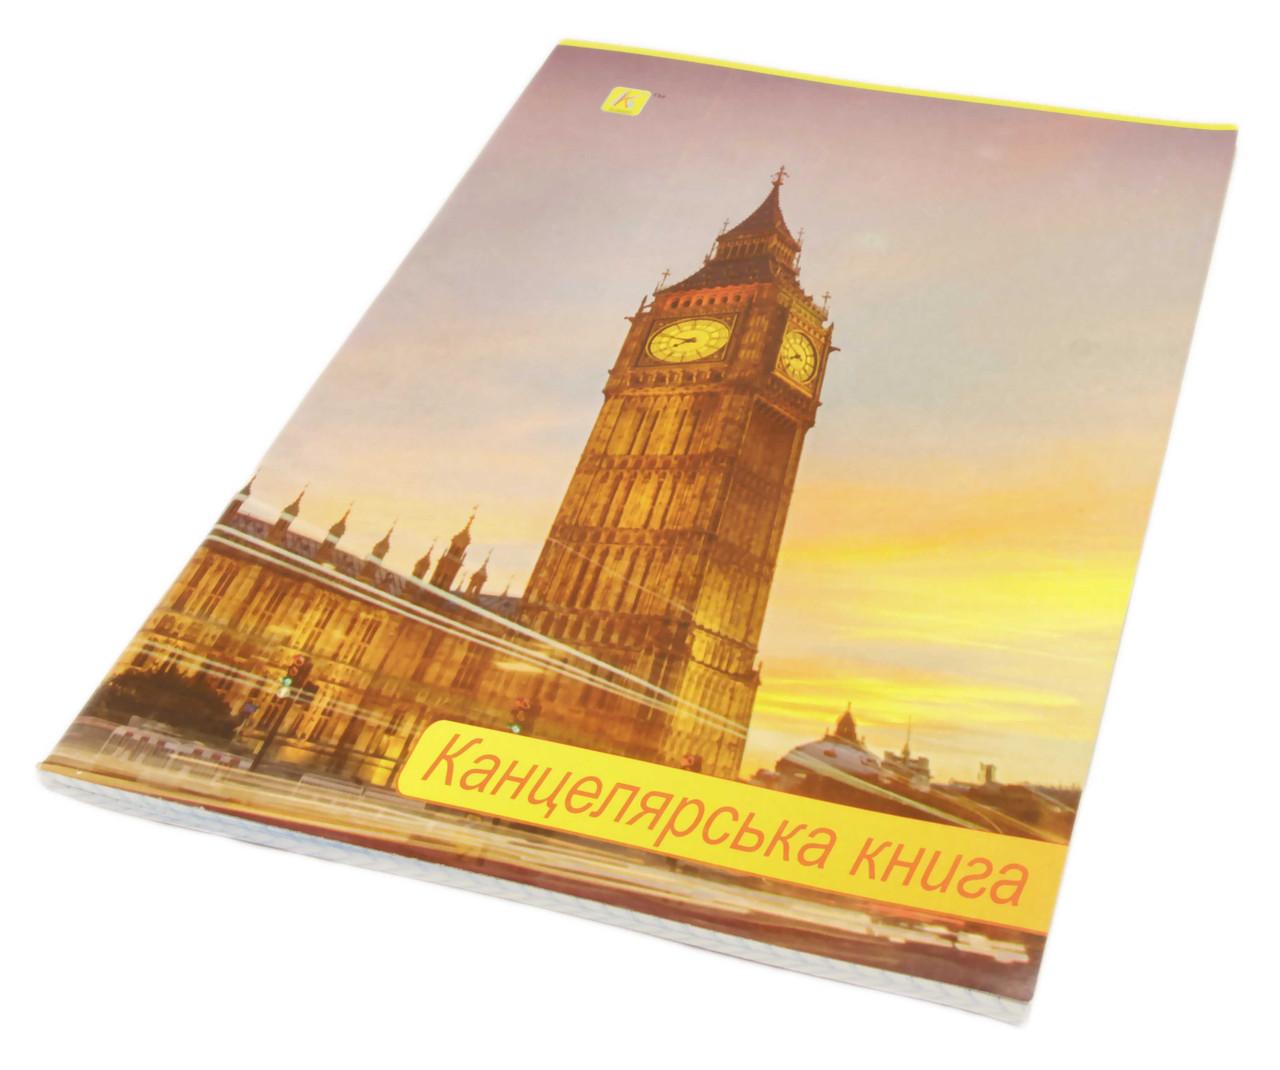 Книга канцелярская A4 48 листов в мягкой обложке